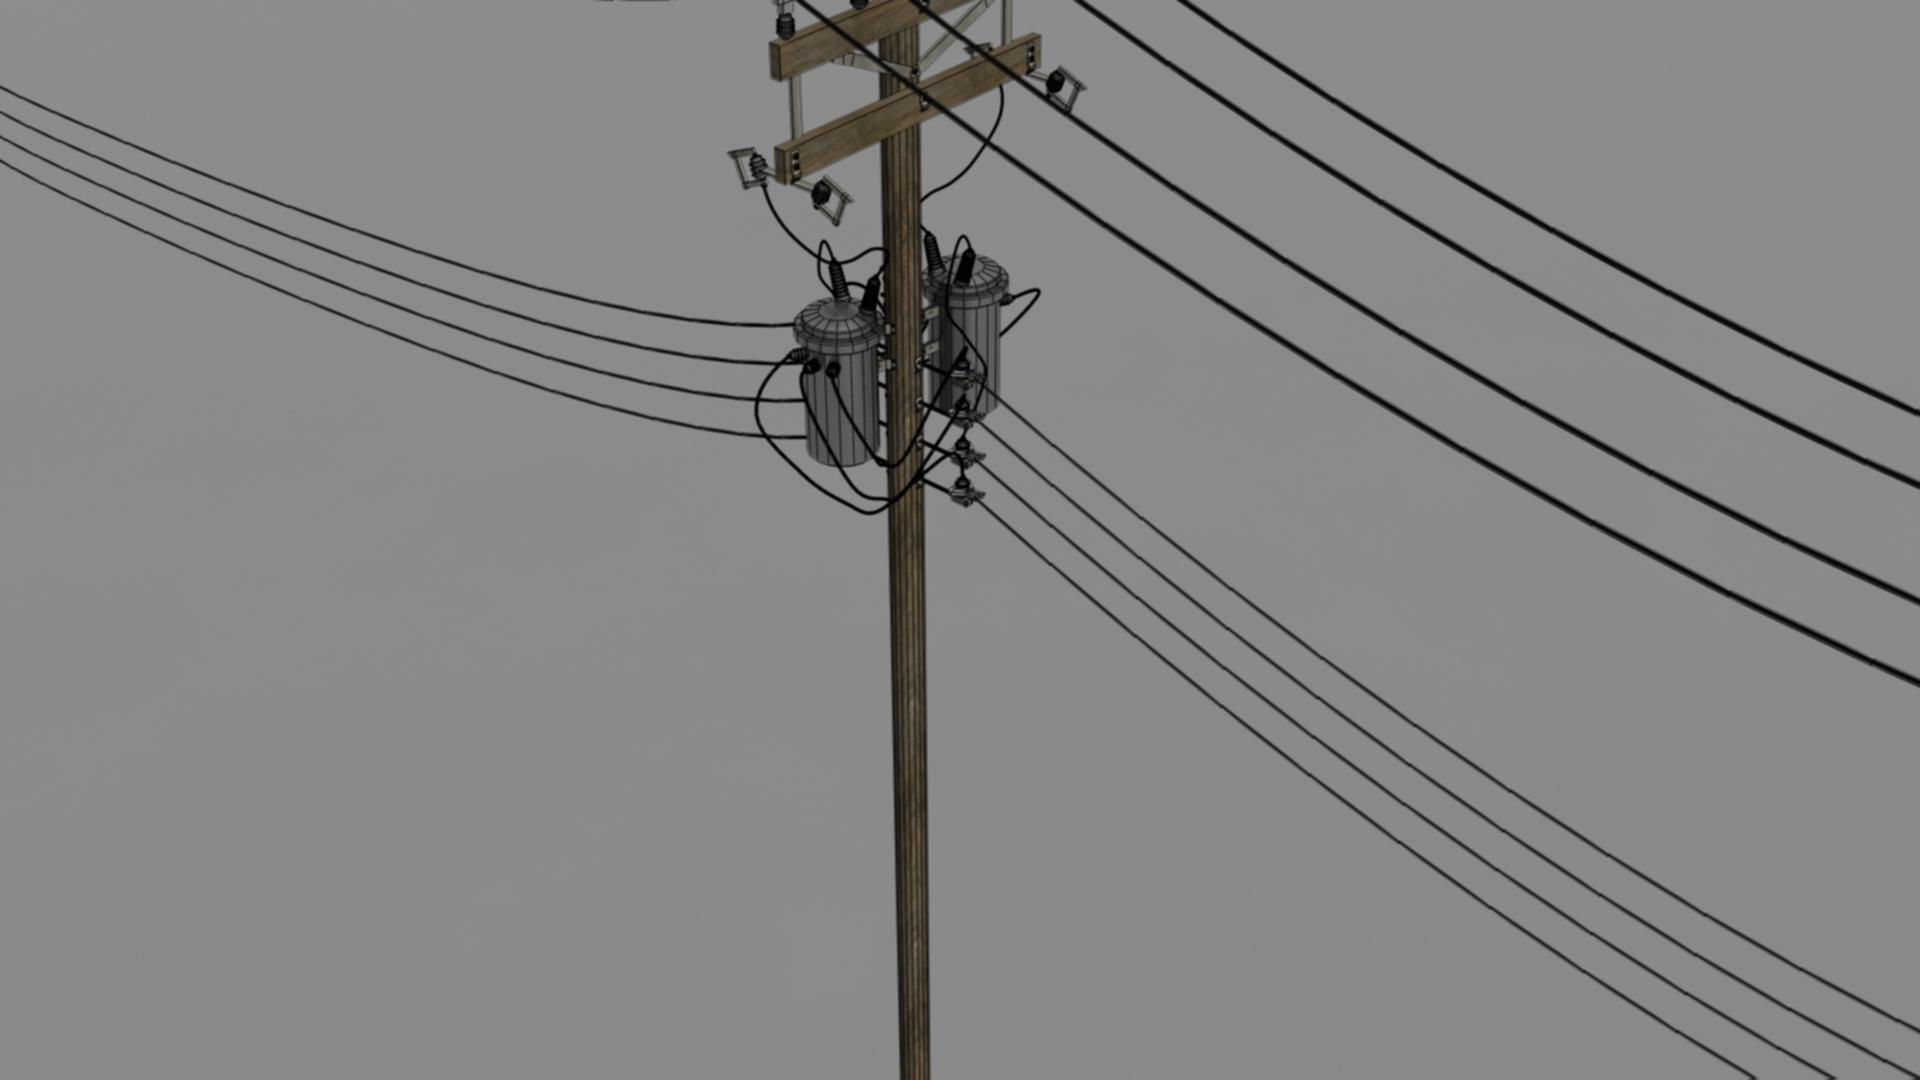 Utility Pole By Maliaceant28